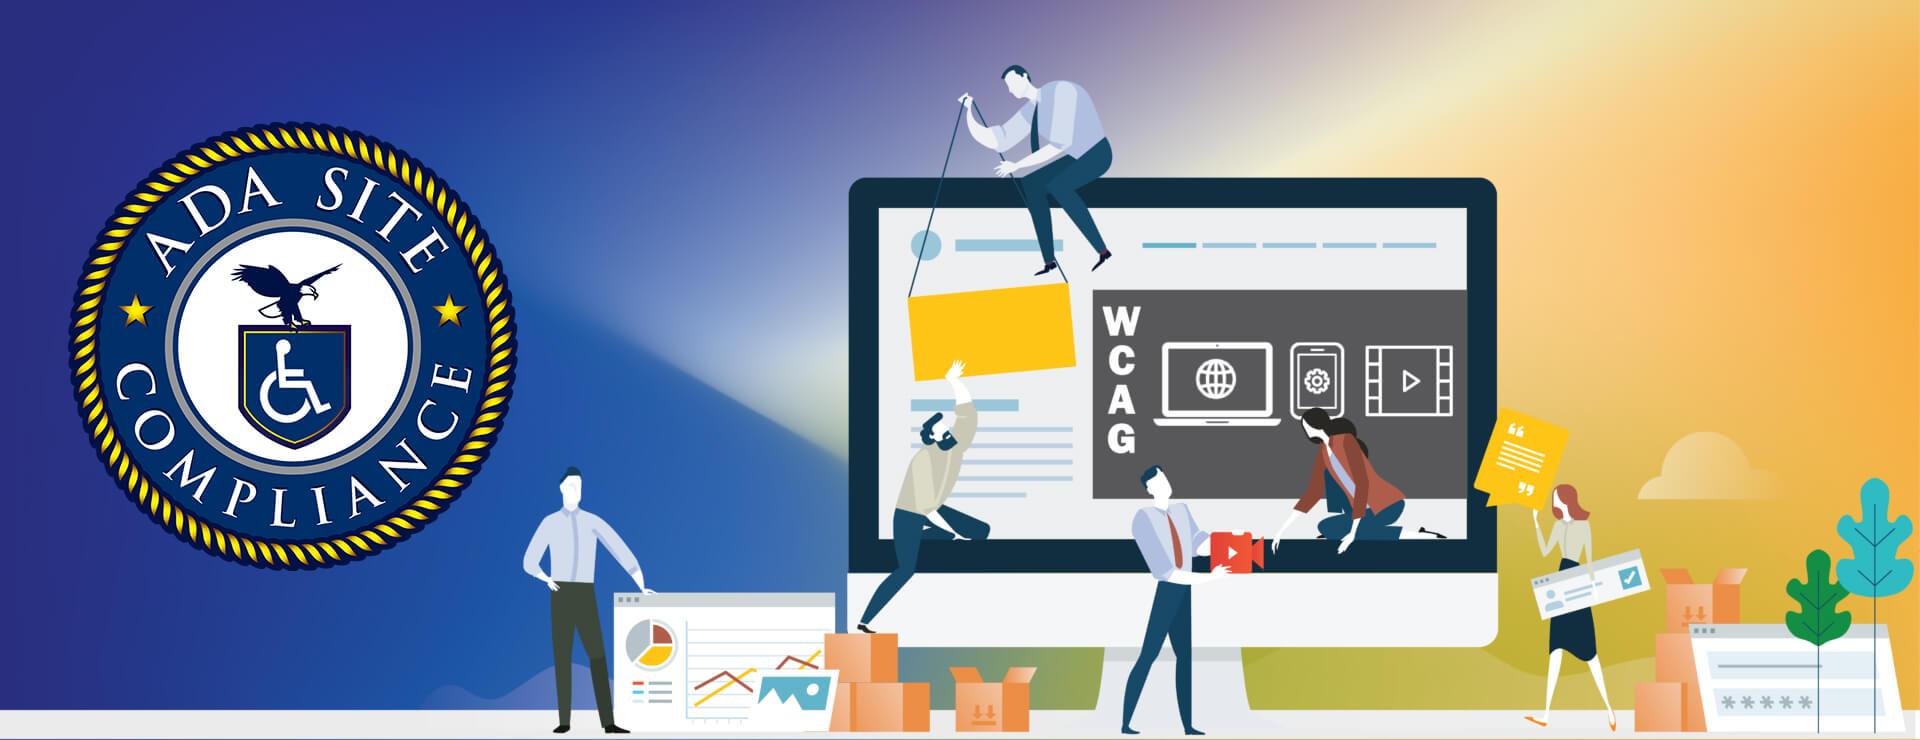 website accessibility - adasitecompliance.com